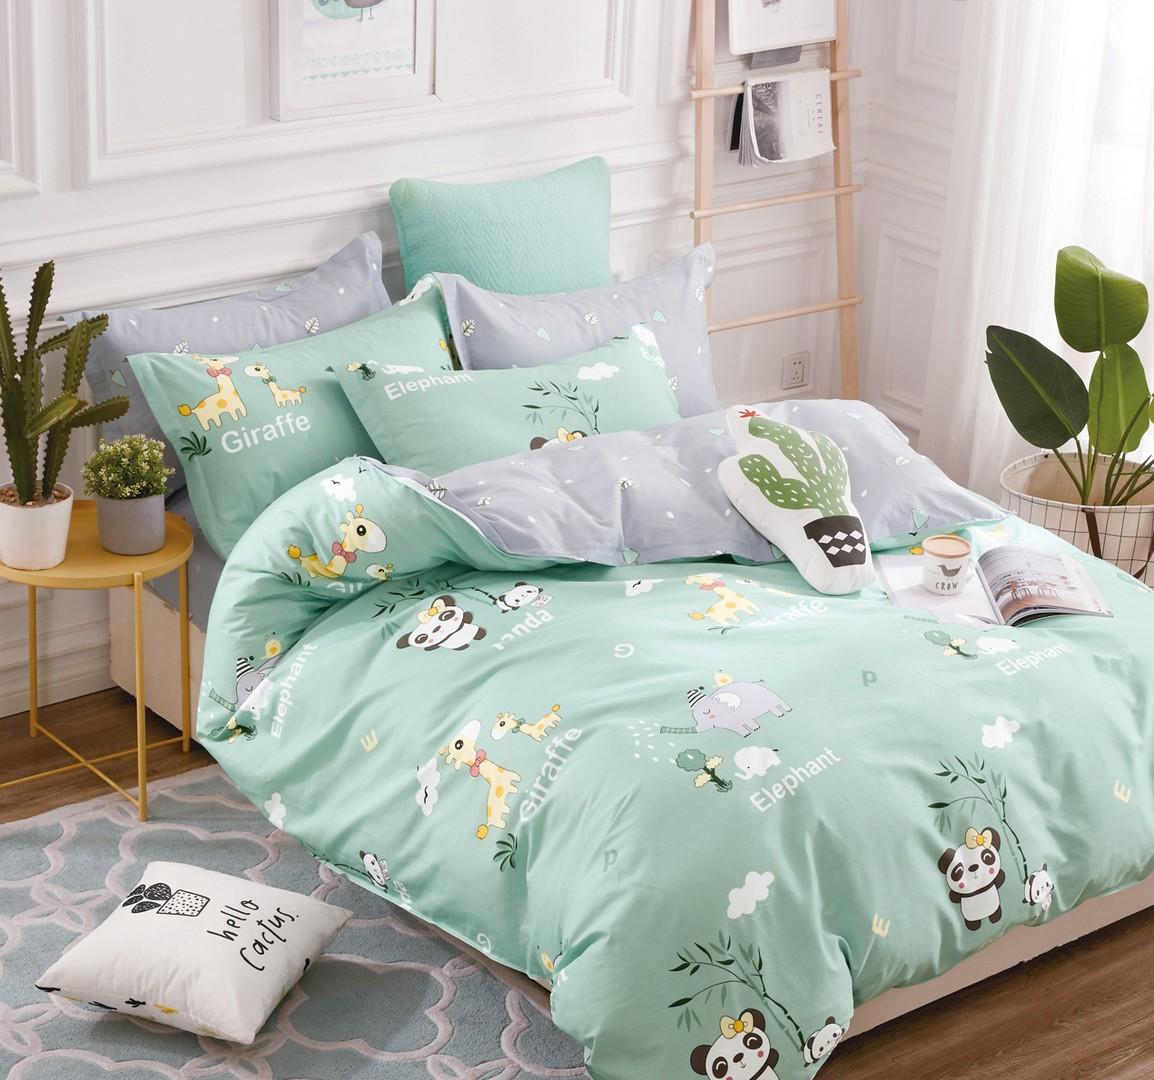 Комплект постельного белья 1,5-спальный, поплин (Африка)